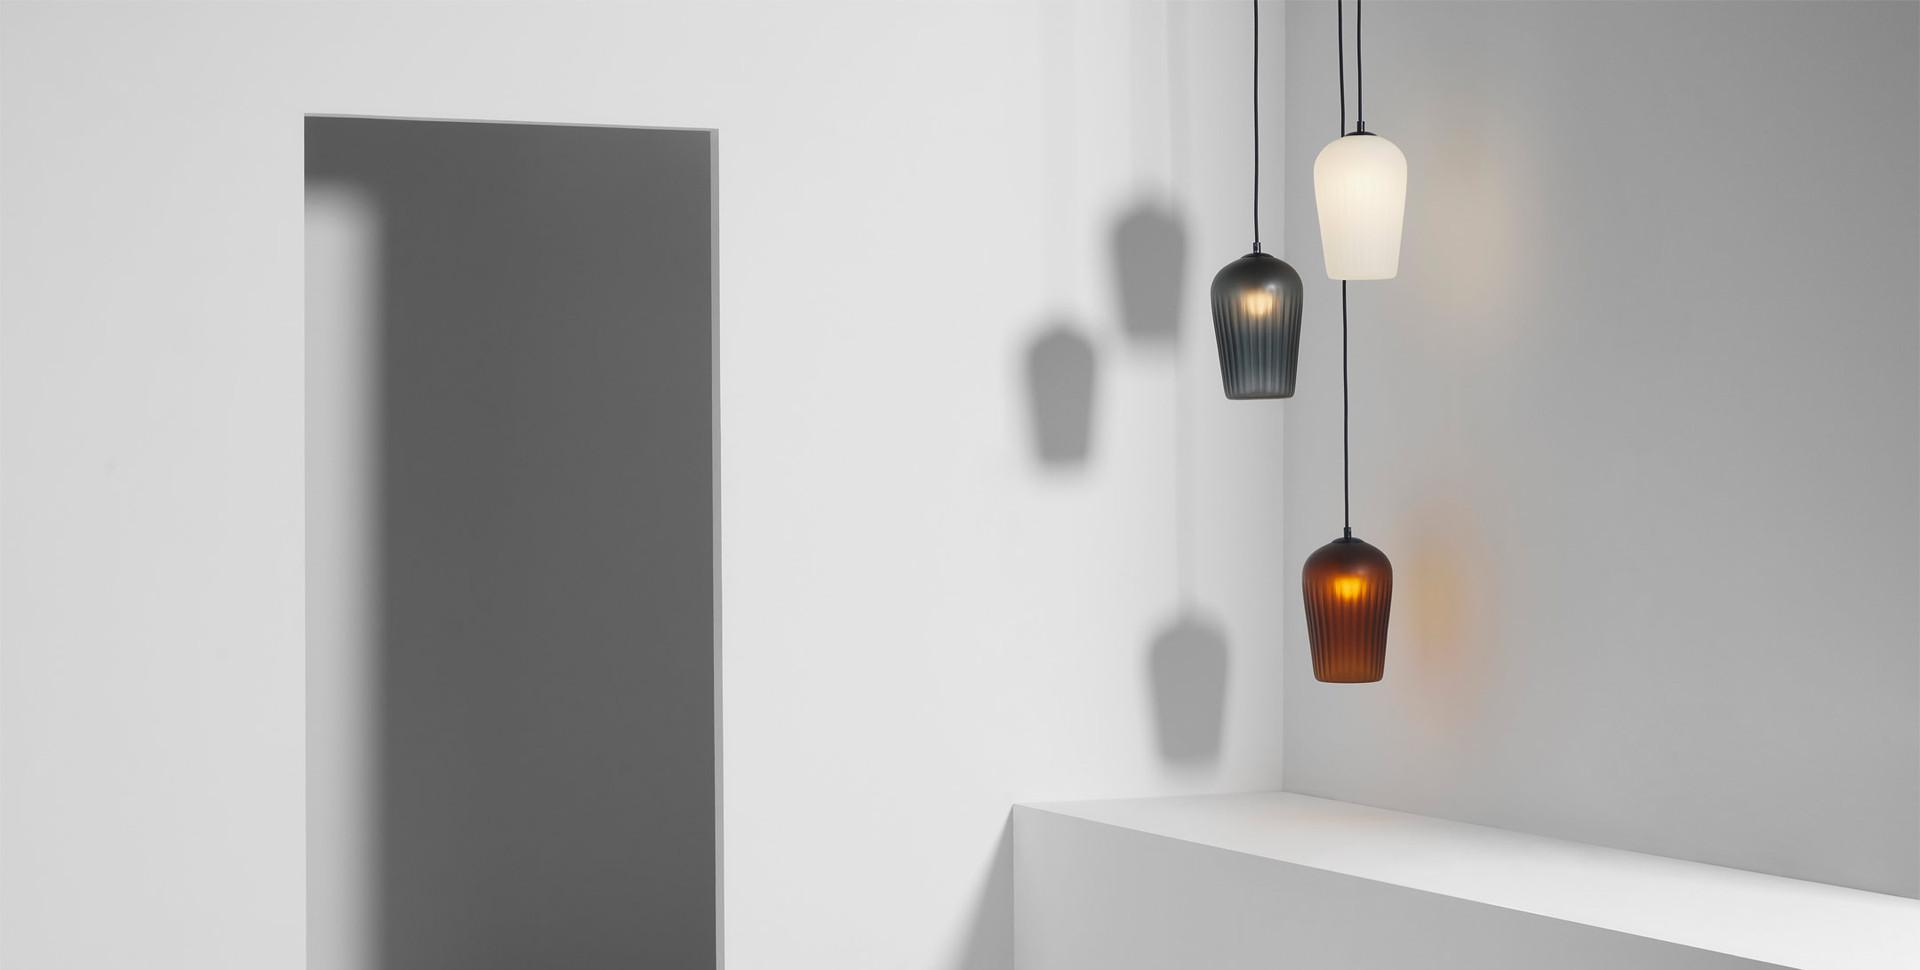 No.10 Pendant Light designed by Luke Mills for Lumil.